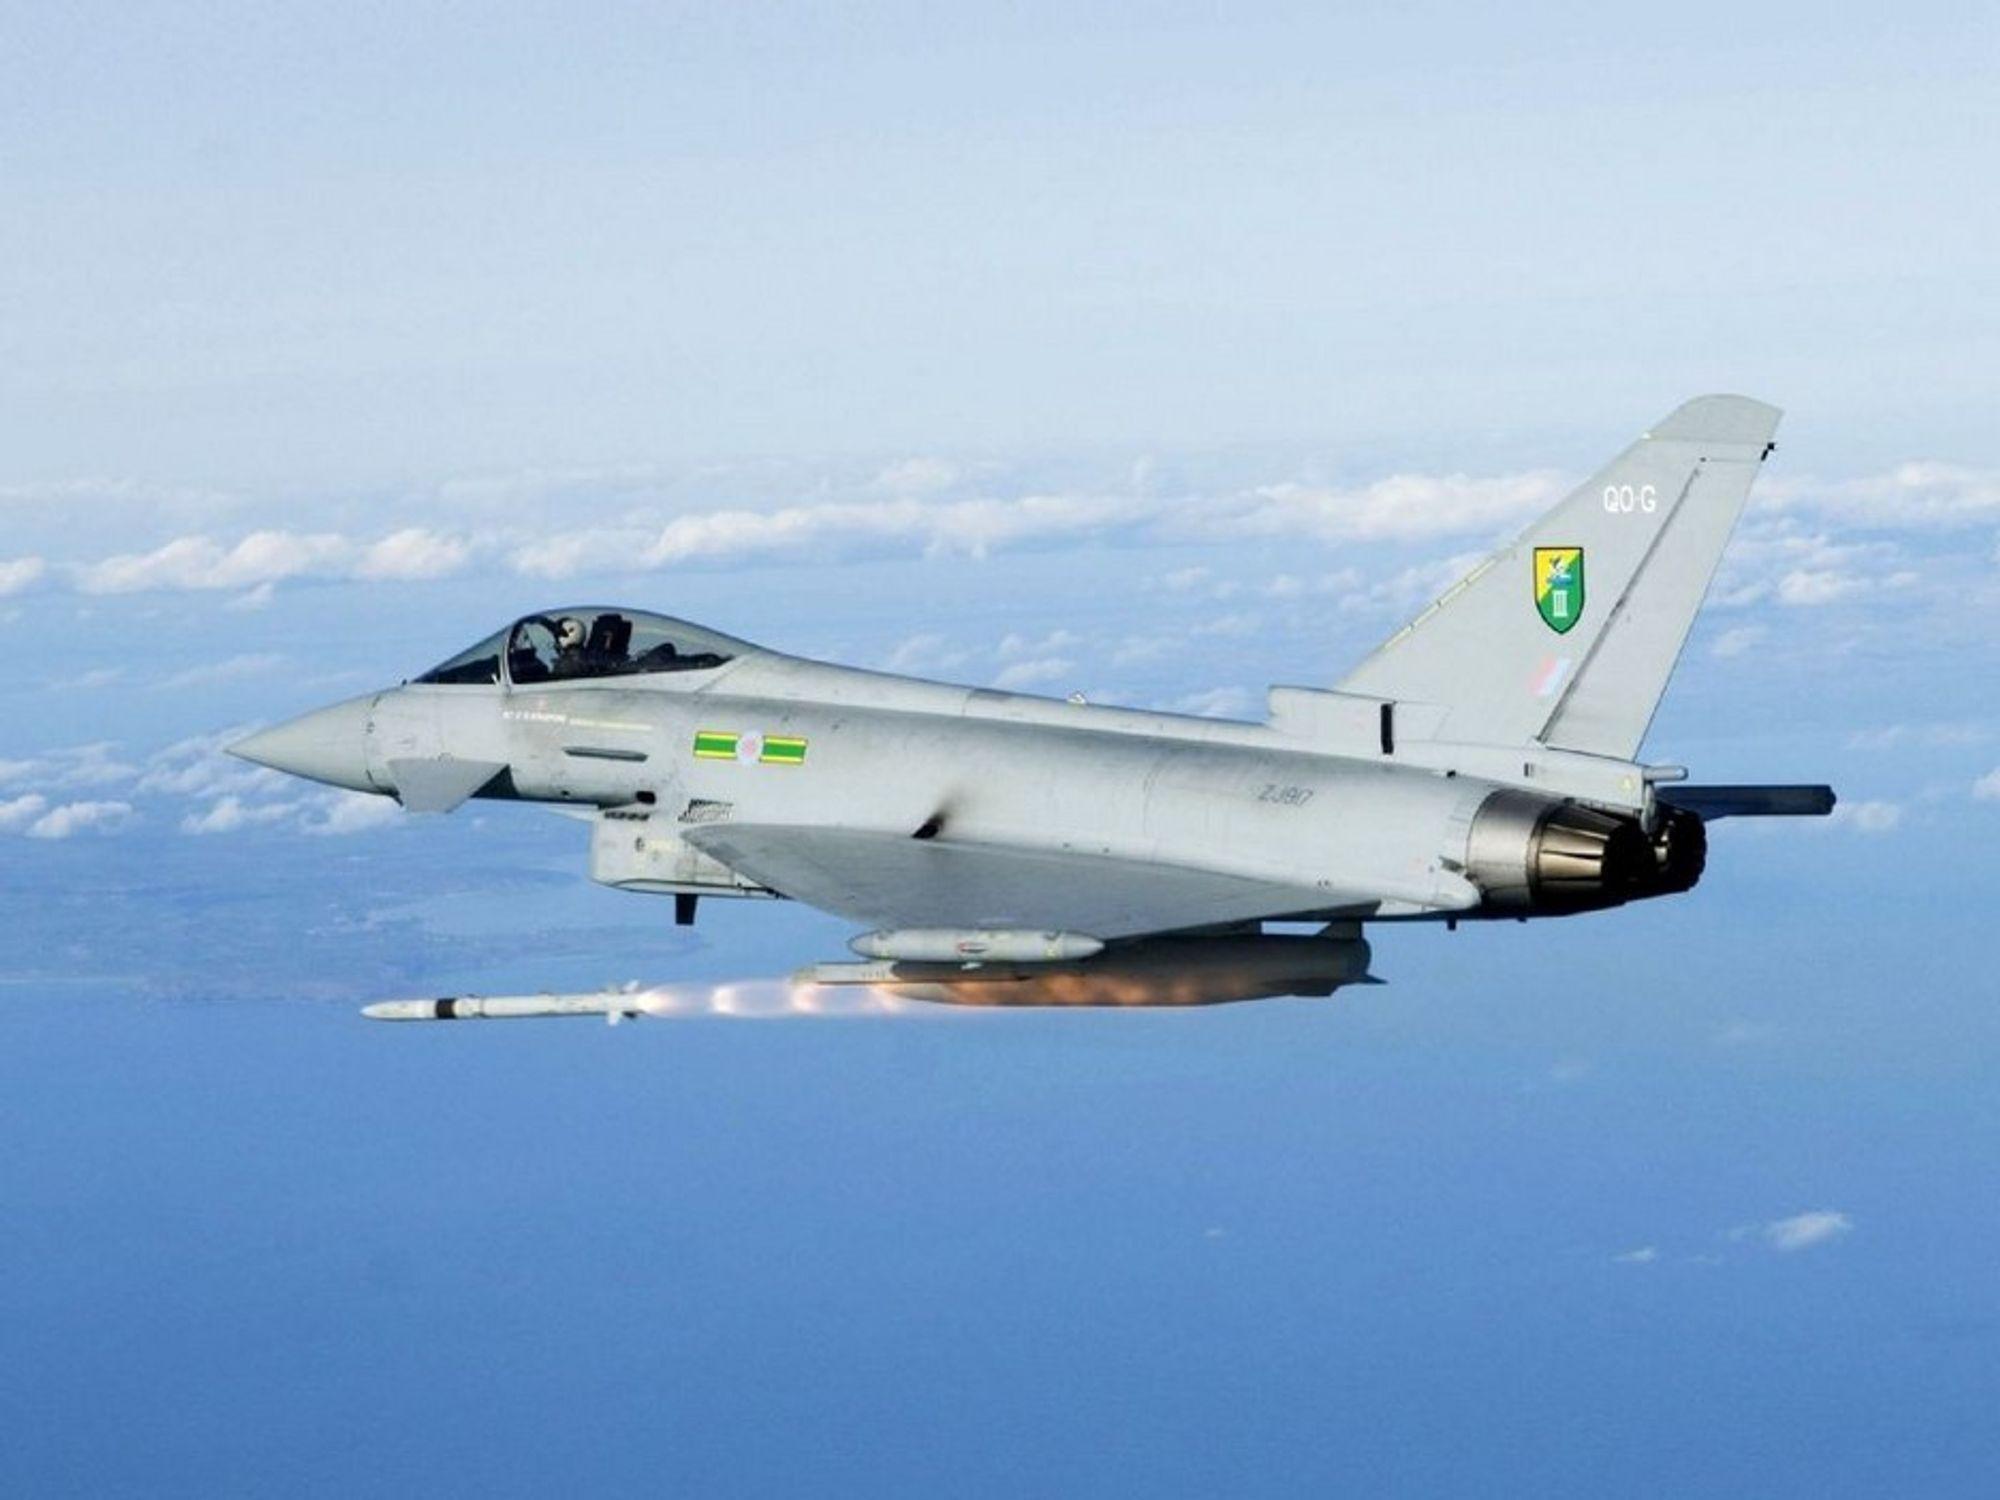 OVER HAVET: En av grunnene til at det har tatt så mange år å evaluere hva slags kampfly Norge må ha når F-16 fases ut om åtte år, er den enorme havsonen vi må kunne forsvare. Noe av den samme problemstillingen hadde UK da Eurofighter ble planlagt. Derfor har dette kampflyet - som det til nå er bygget 165 stykker av - to motorere og enorm rekkevidde selv med full last. Eurofighter er en av tre kandidater til nytt norsk kampfly.